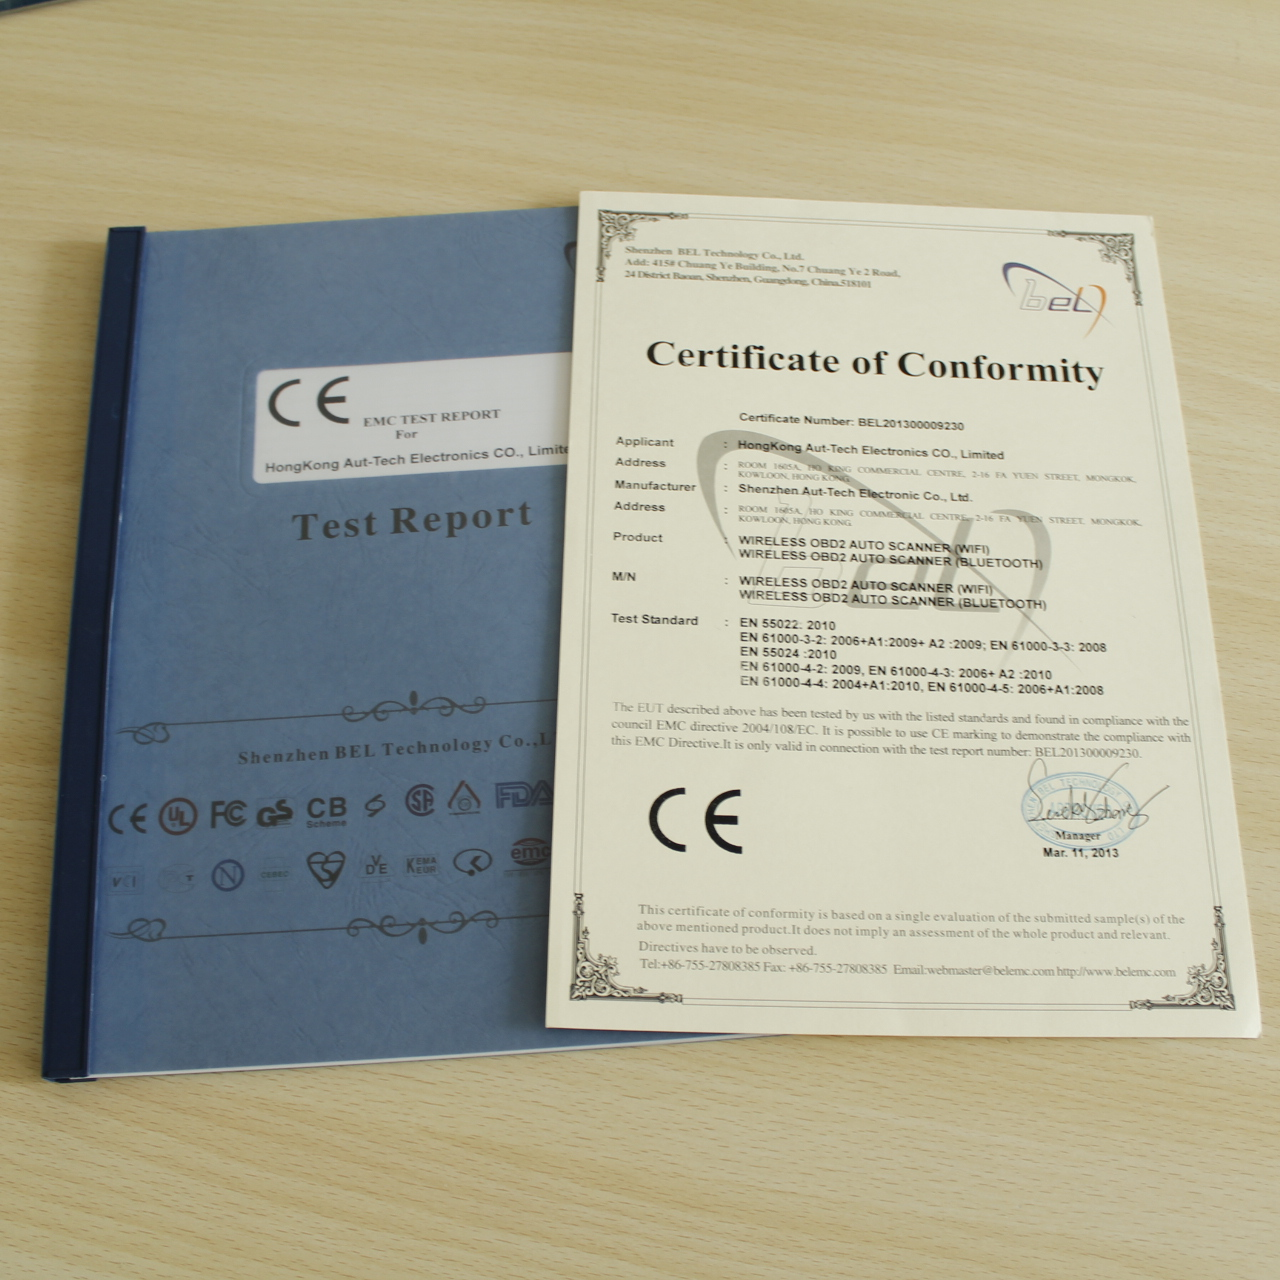 Certification autodoctor007 automotive diagnostic tool obd2 certification xflitez Choice Image